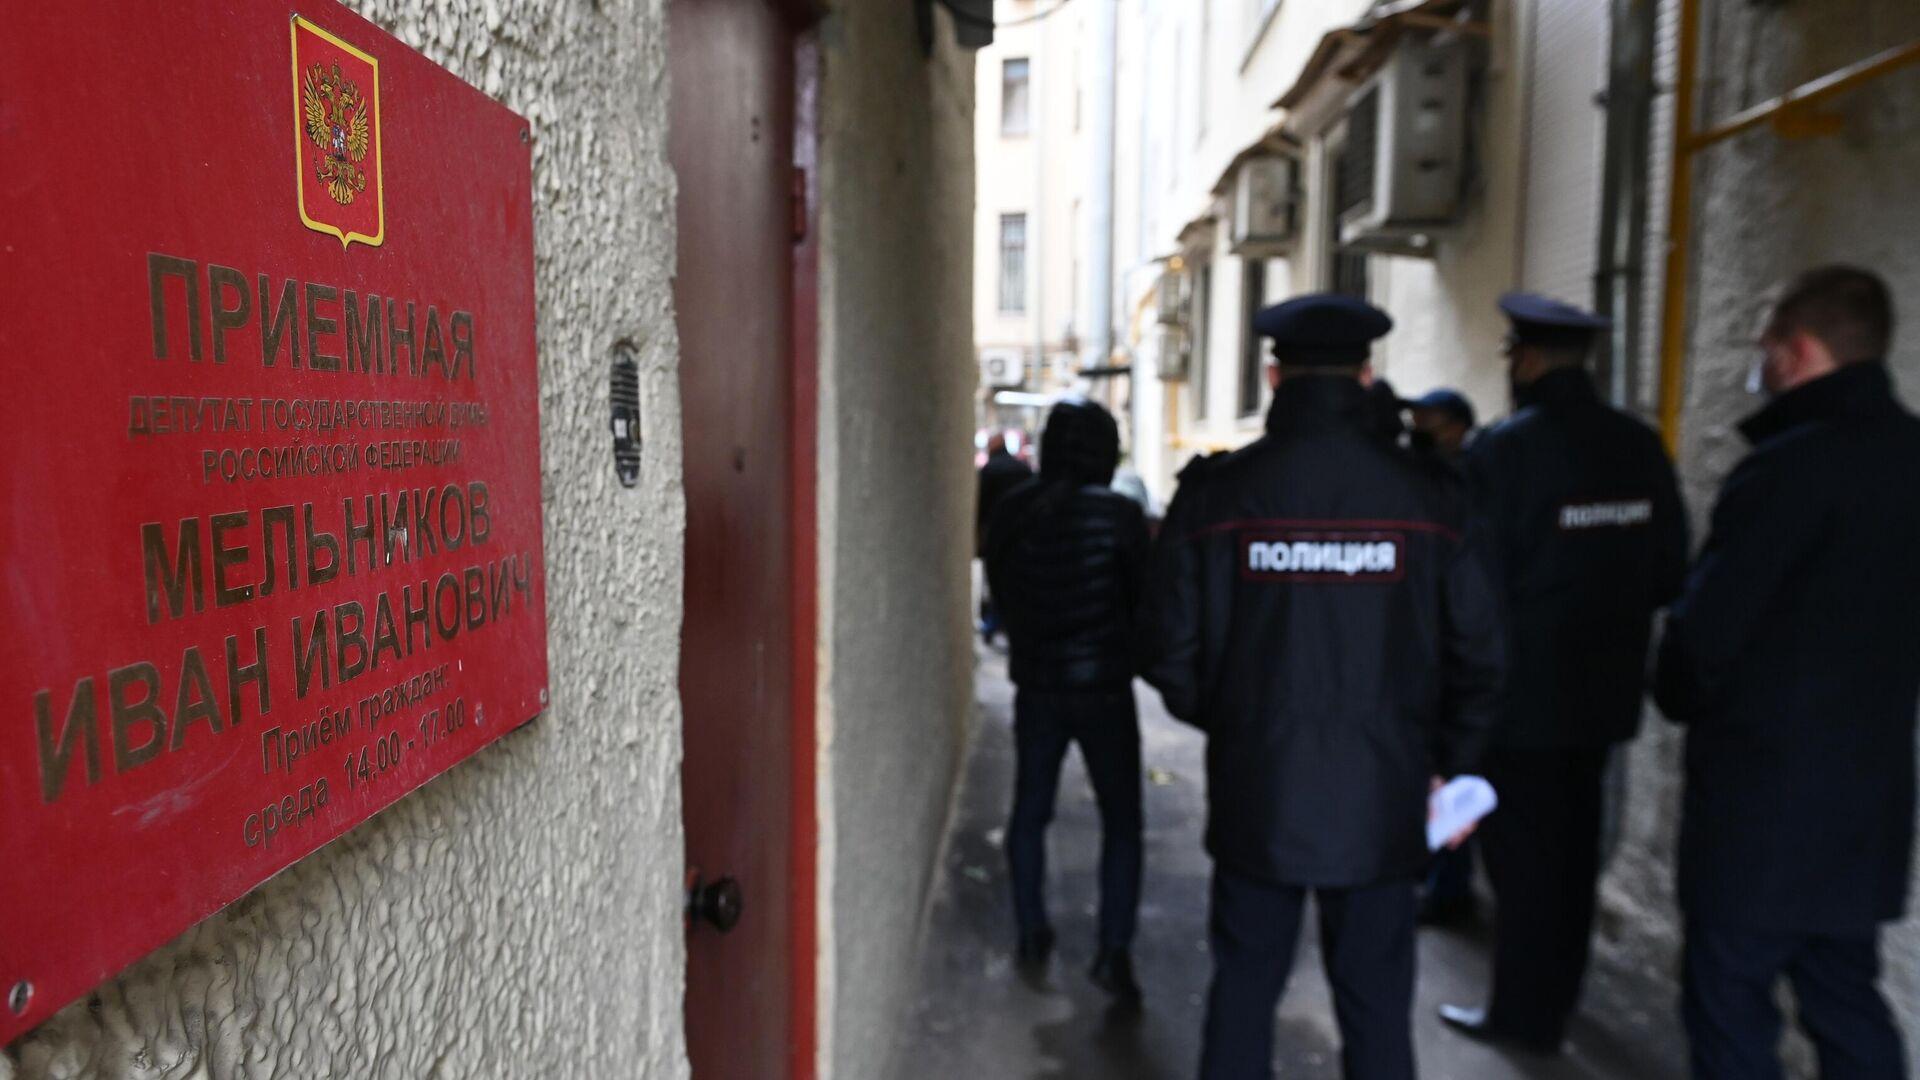 В приемную первого вице-спикера Госдумы Мельникова пришла полиция